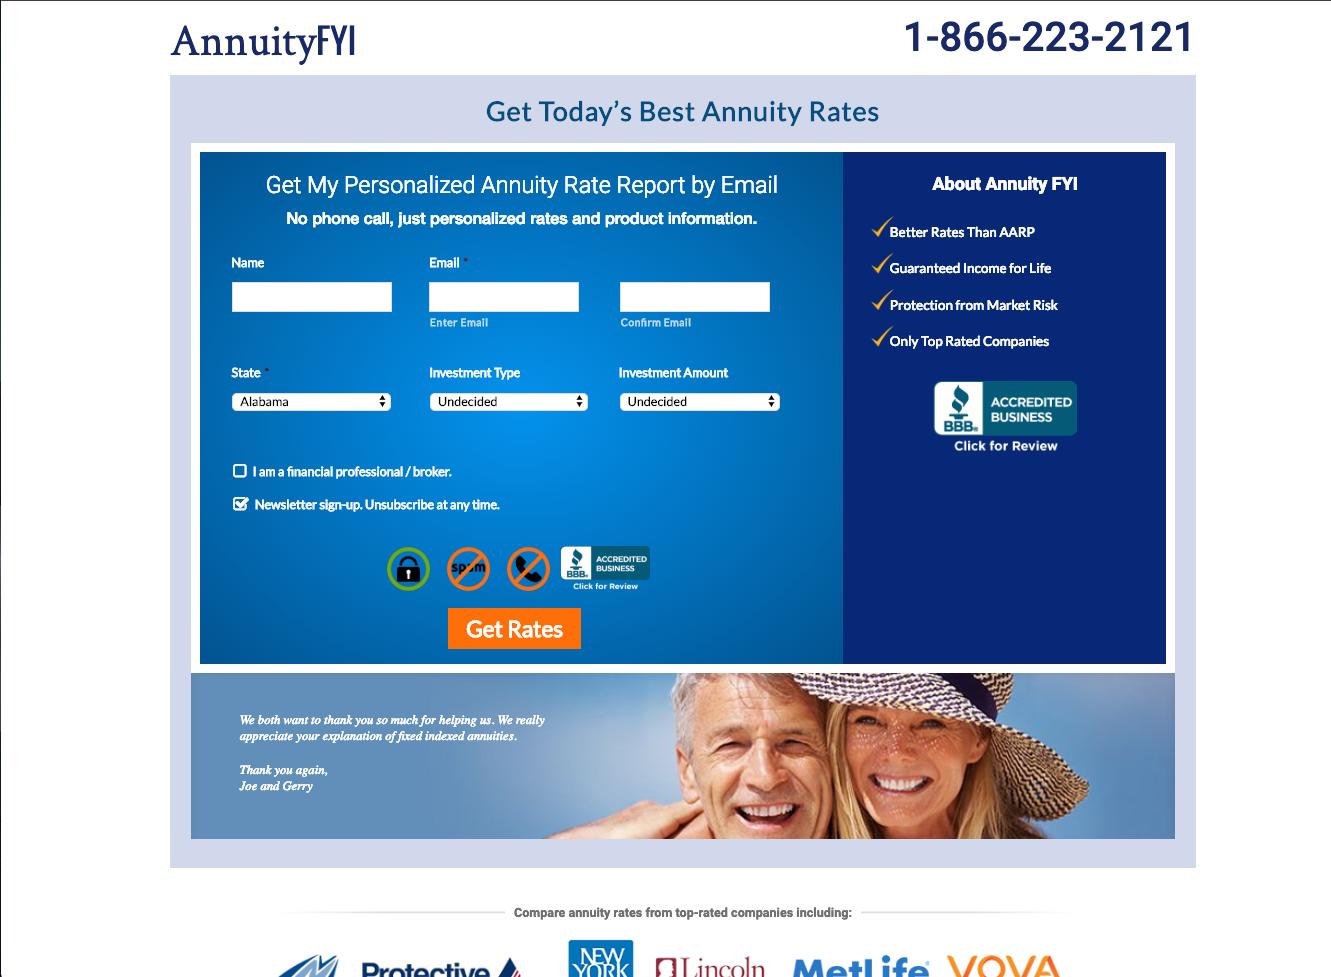 annuity-fyi-4